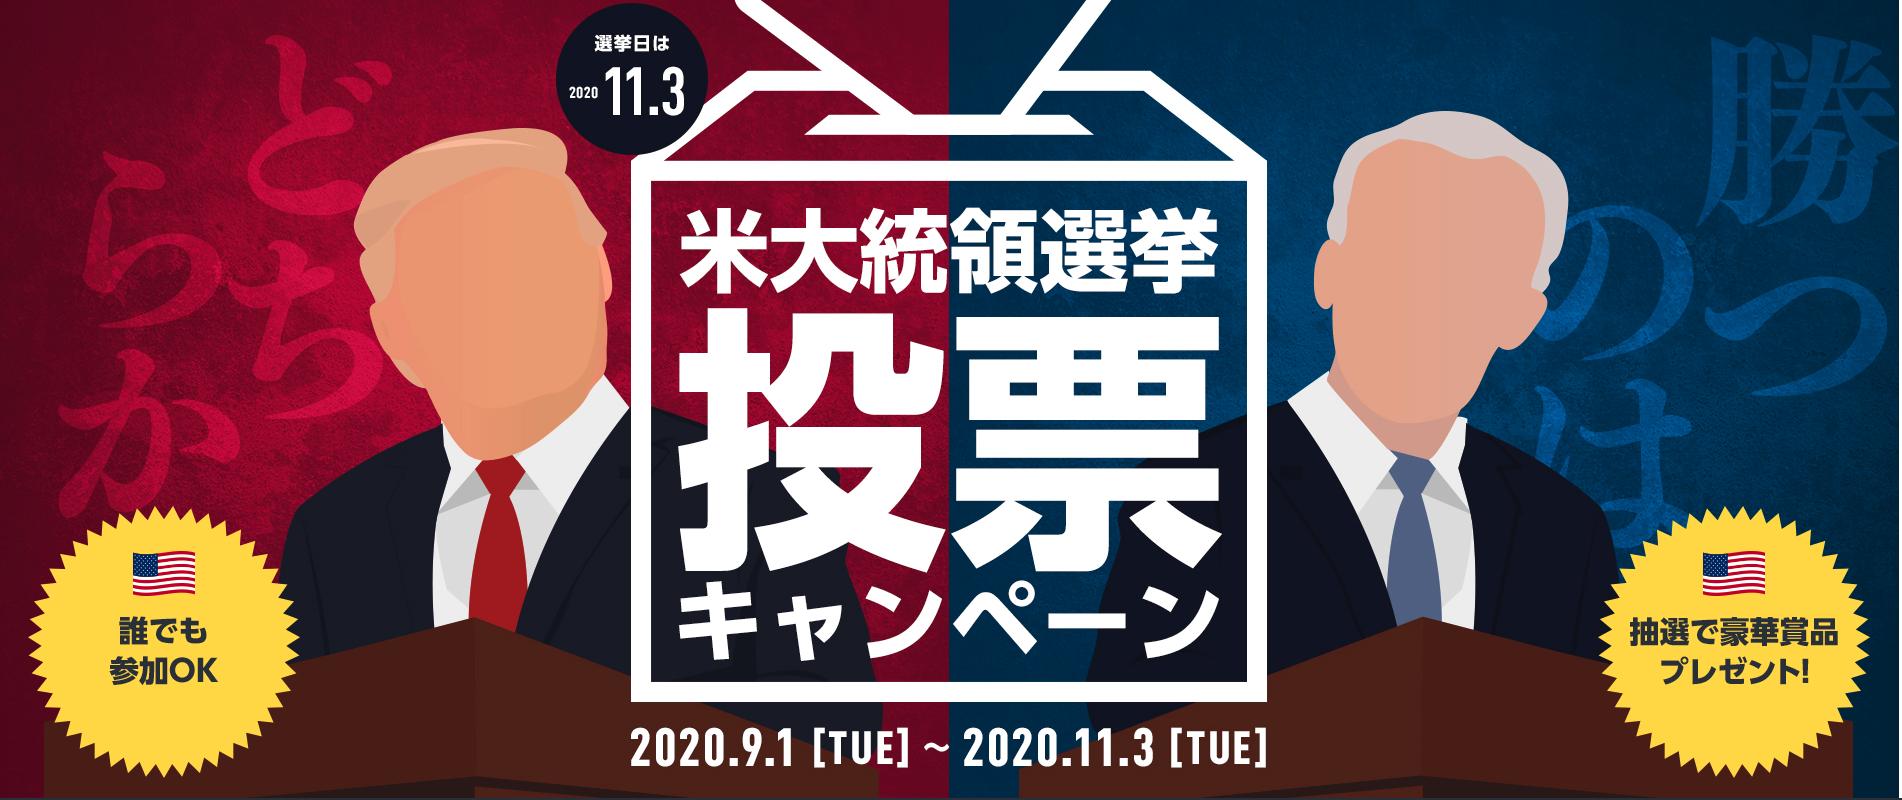 LIGHT FX_米大統領選挙投票キャンペーン